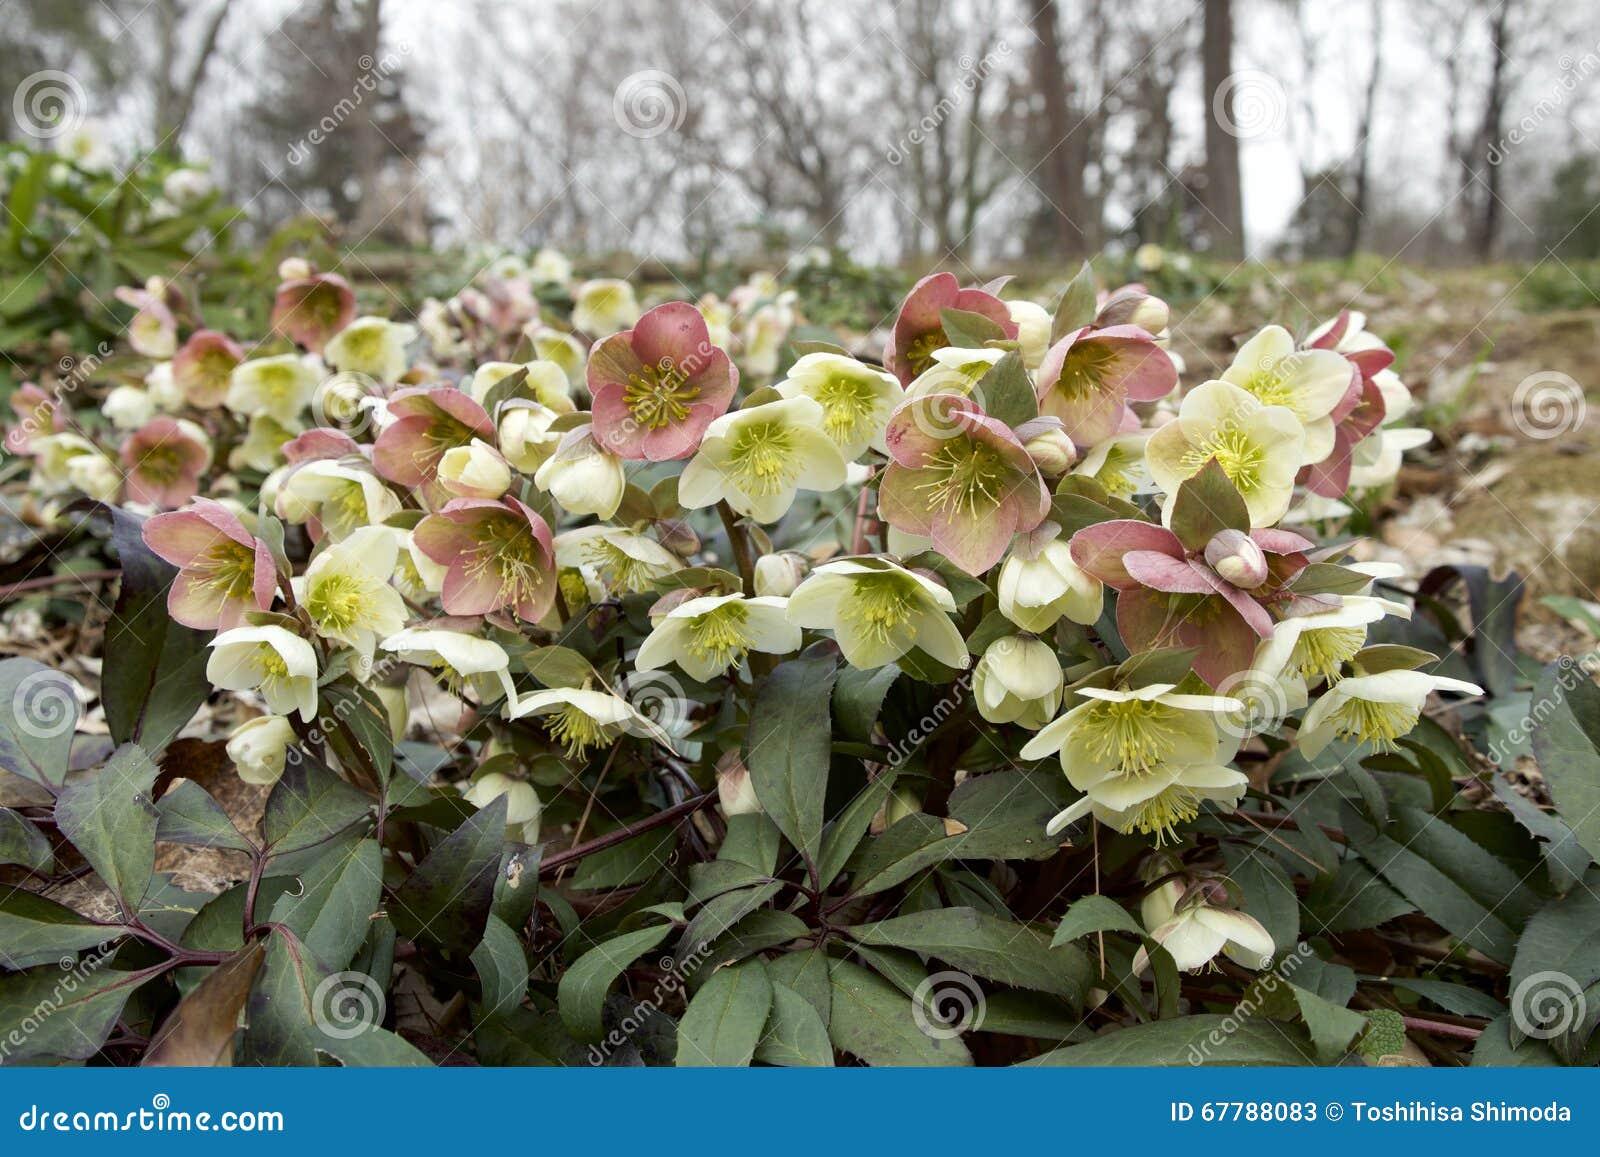 Elleboro bianco e rosso immagine stock immagine di for Elleboro bianco